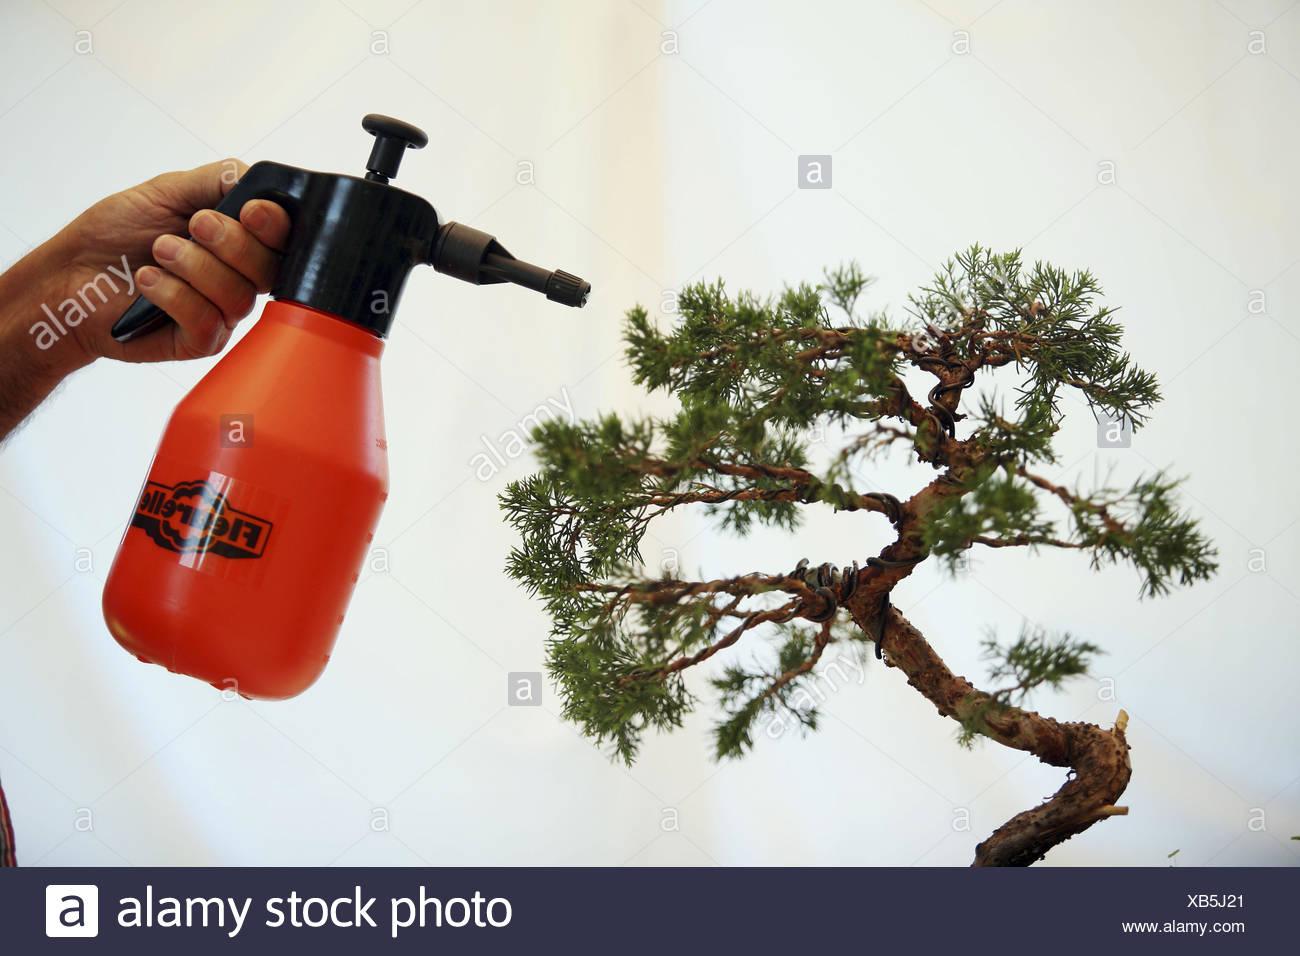 Watering Bonsai Stock Photo Alamy